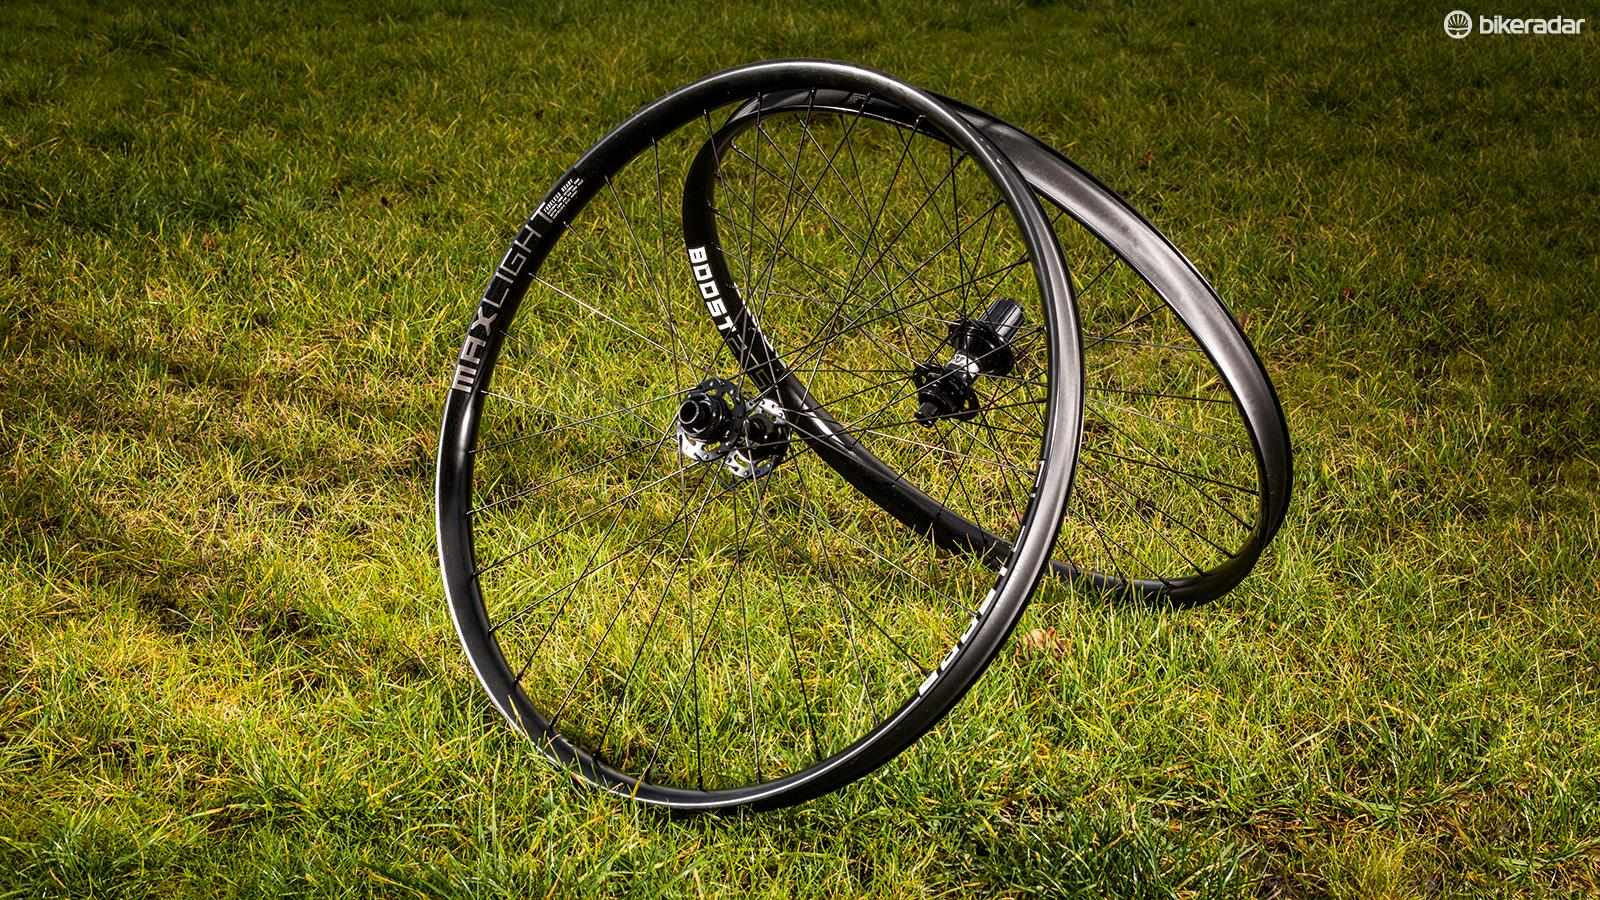 Kinesis Maxlight Boost 650b wheels